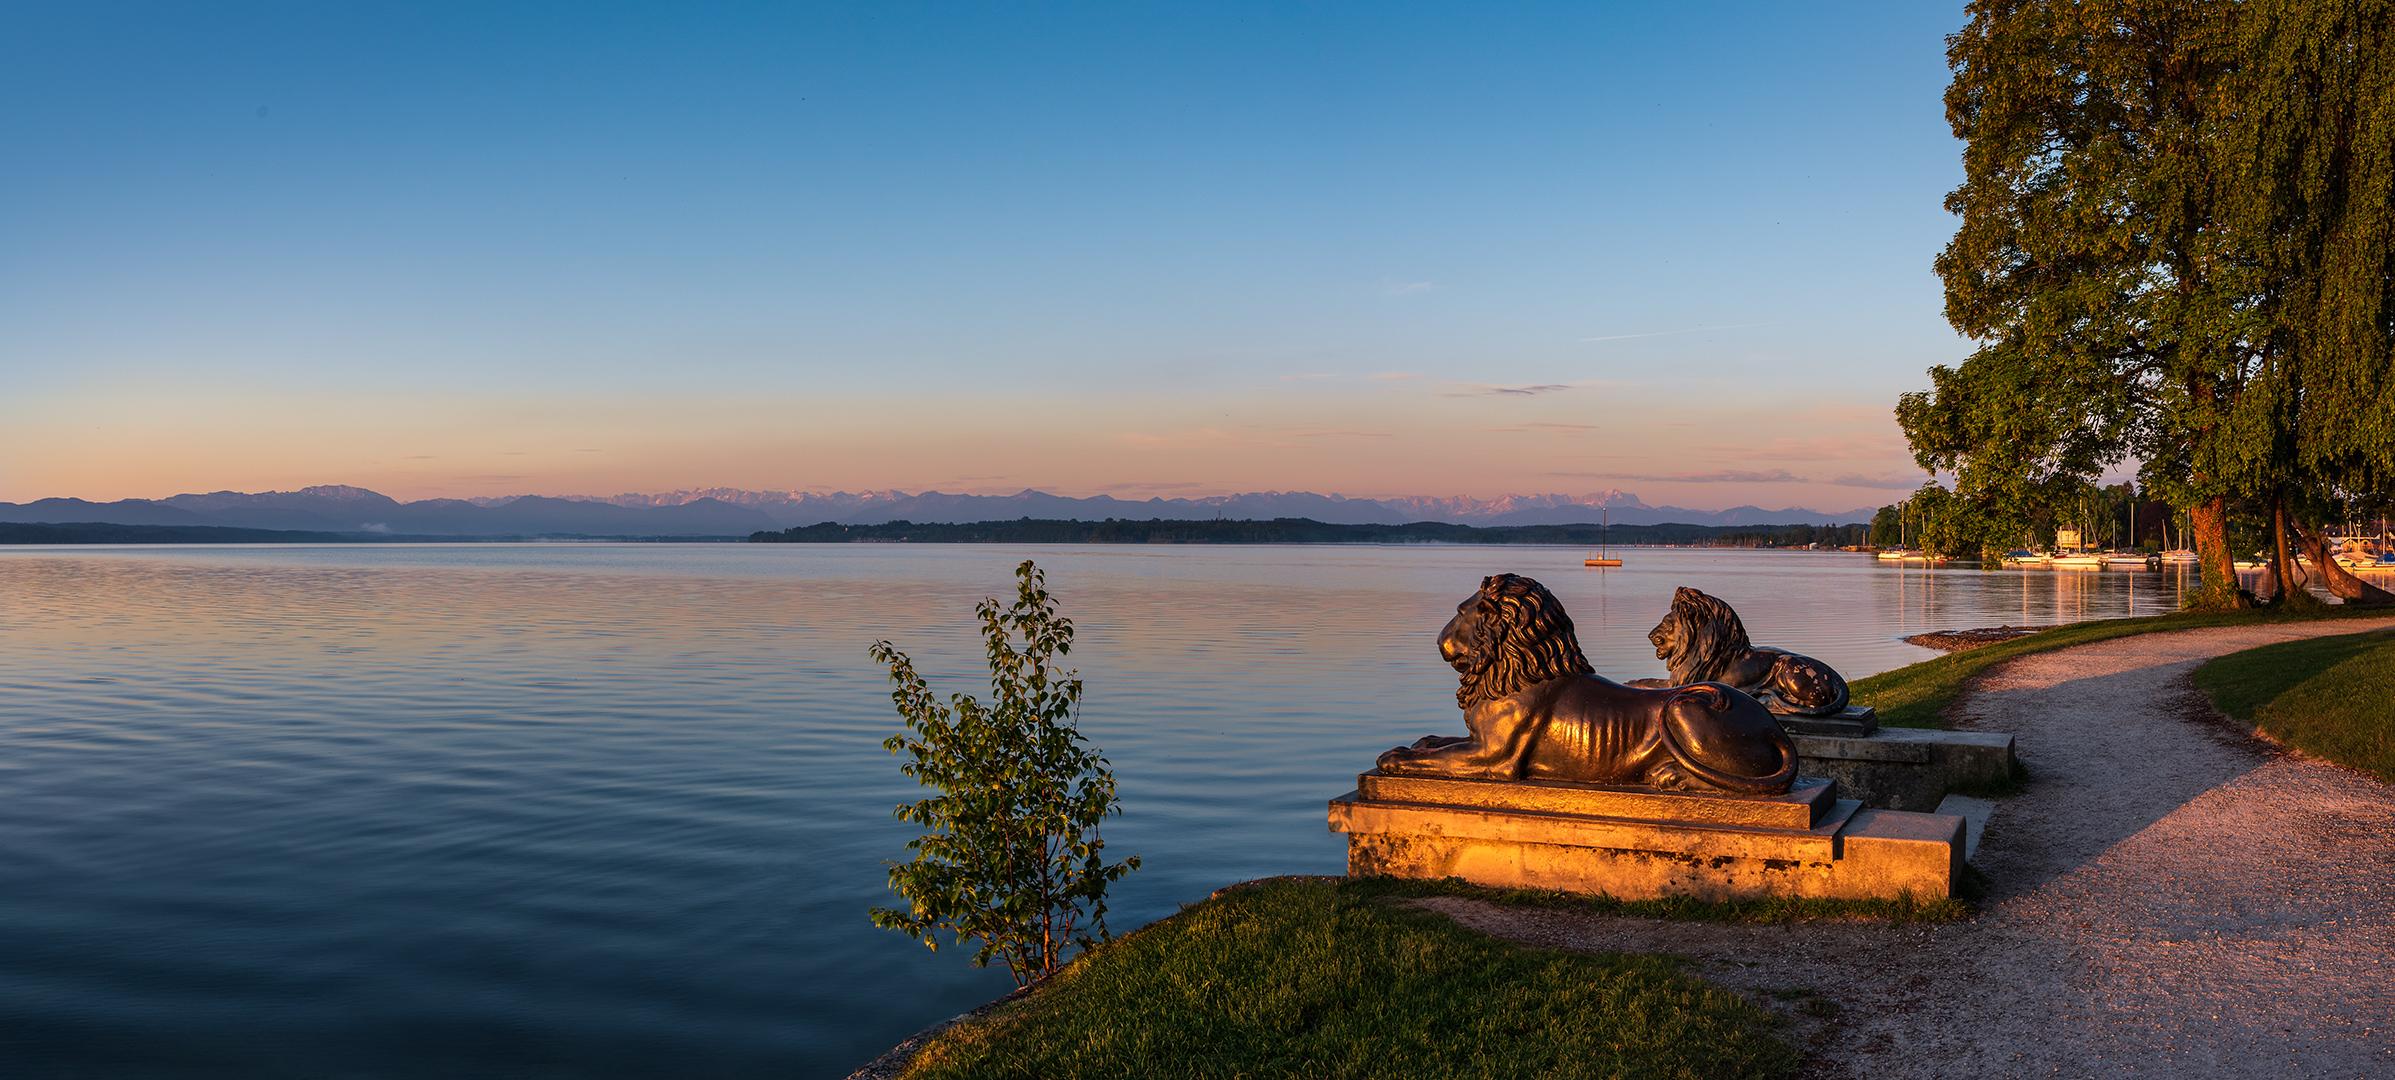 Die Tutzinger Lowen Am Starnberger See Foto Bild Landschaft Bach Fluss See See Teich Tumpel Bilder Auf Fotocommunity